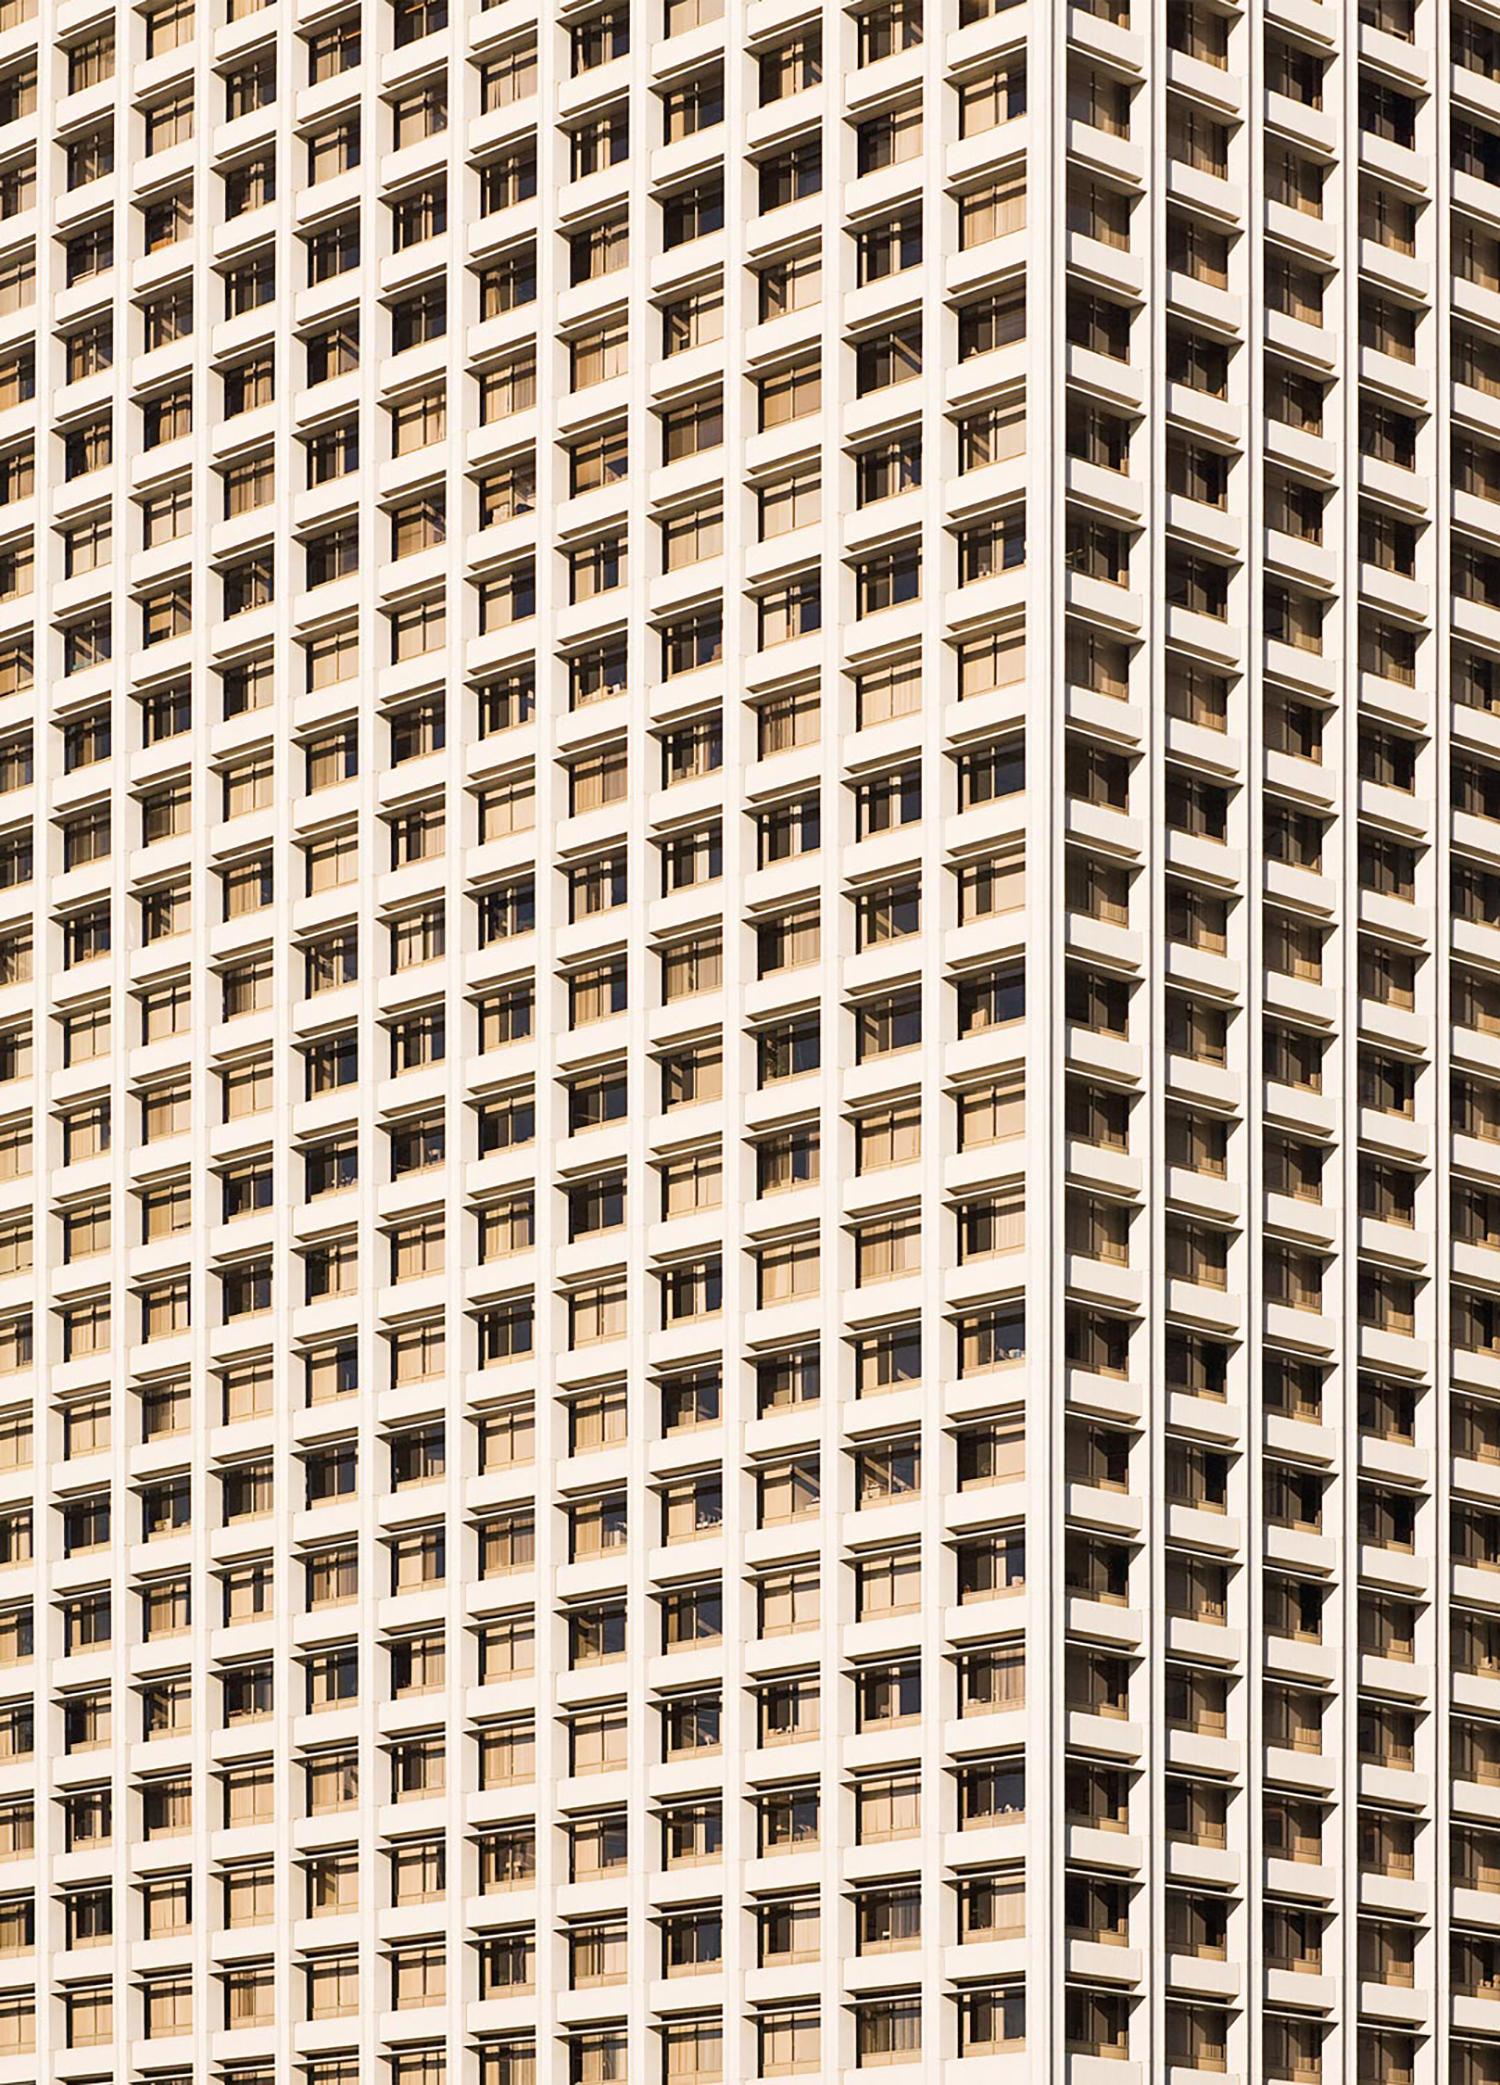 Union Bank Building, Los Angeles, California, 2006